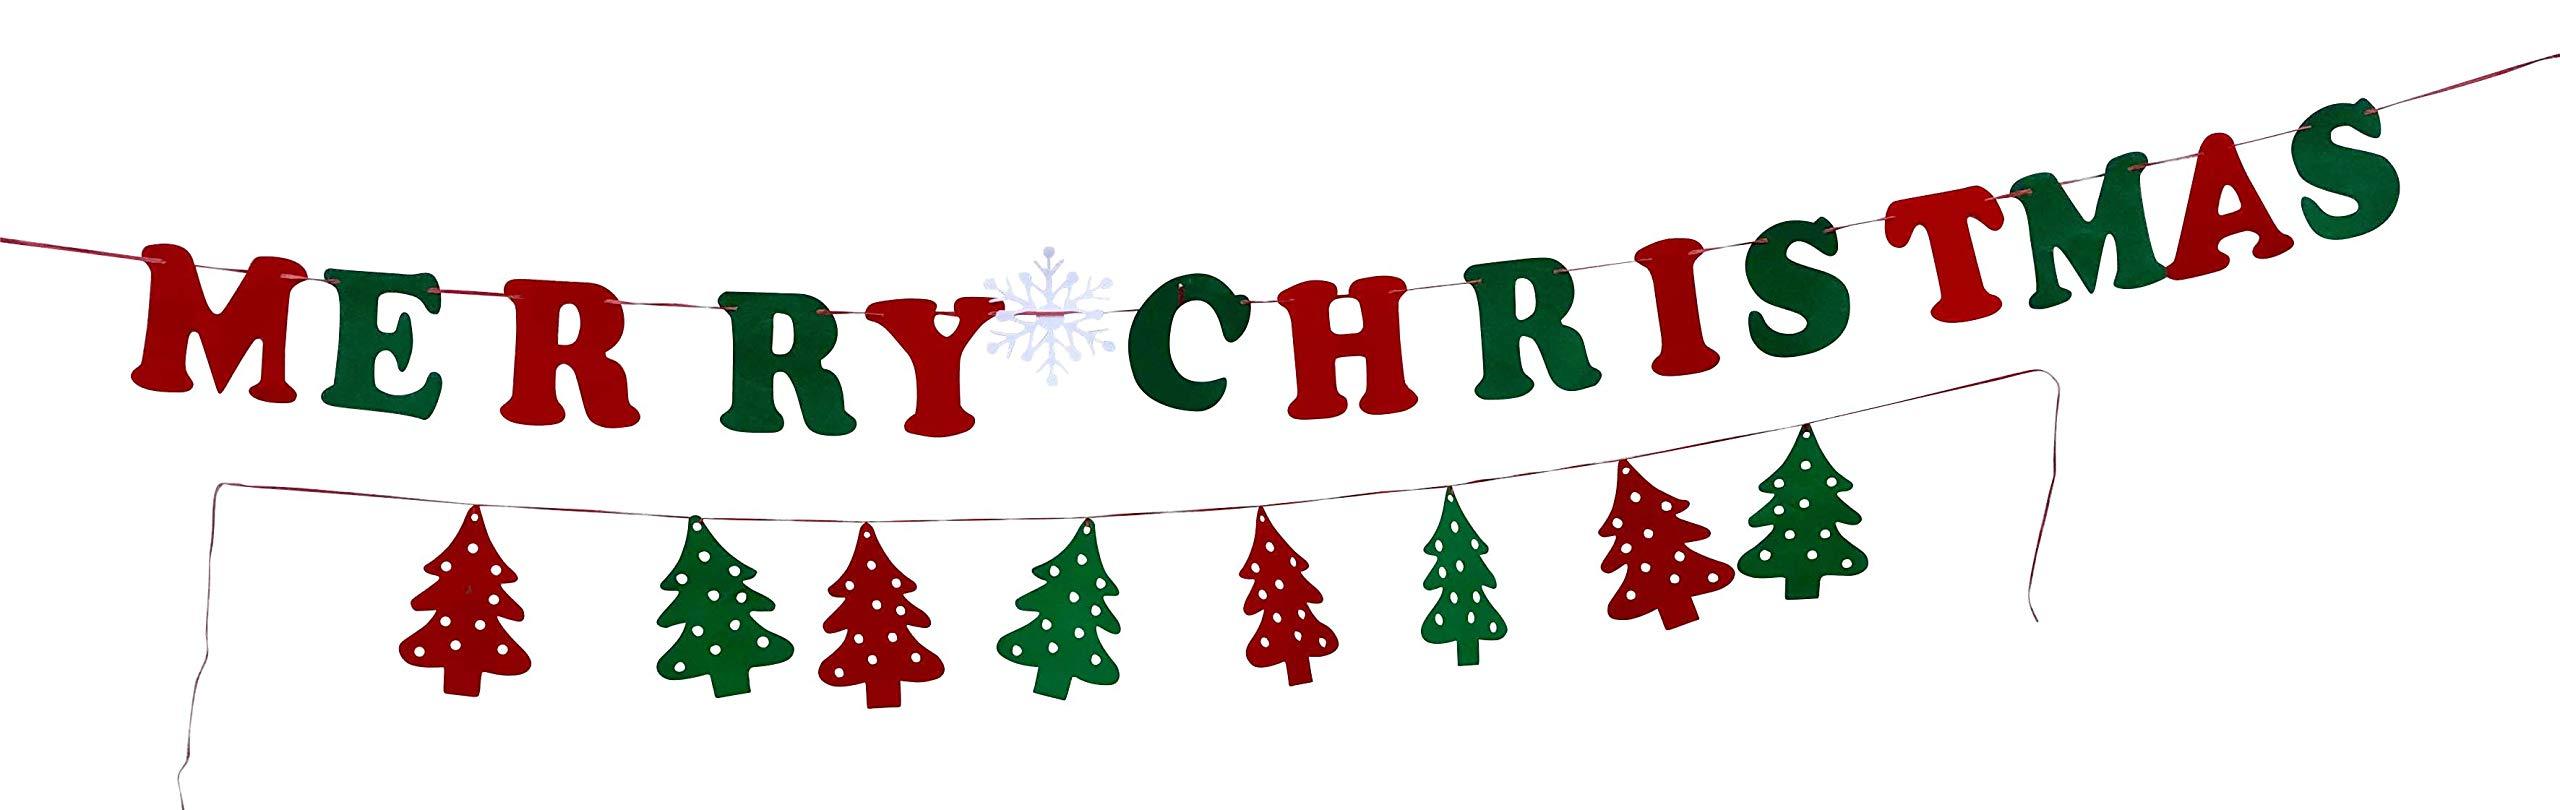 2x-Weihnachts-Girlande-3-Meter-1x-Weihnachtsbume-1x-Merry-Christmas-Filz-rot-grn-Weihnachtsgirlande-zum-Selbstgestalten-DIY-Adventsgirlande-Weihnachten-Deko-Fenstergirlande